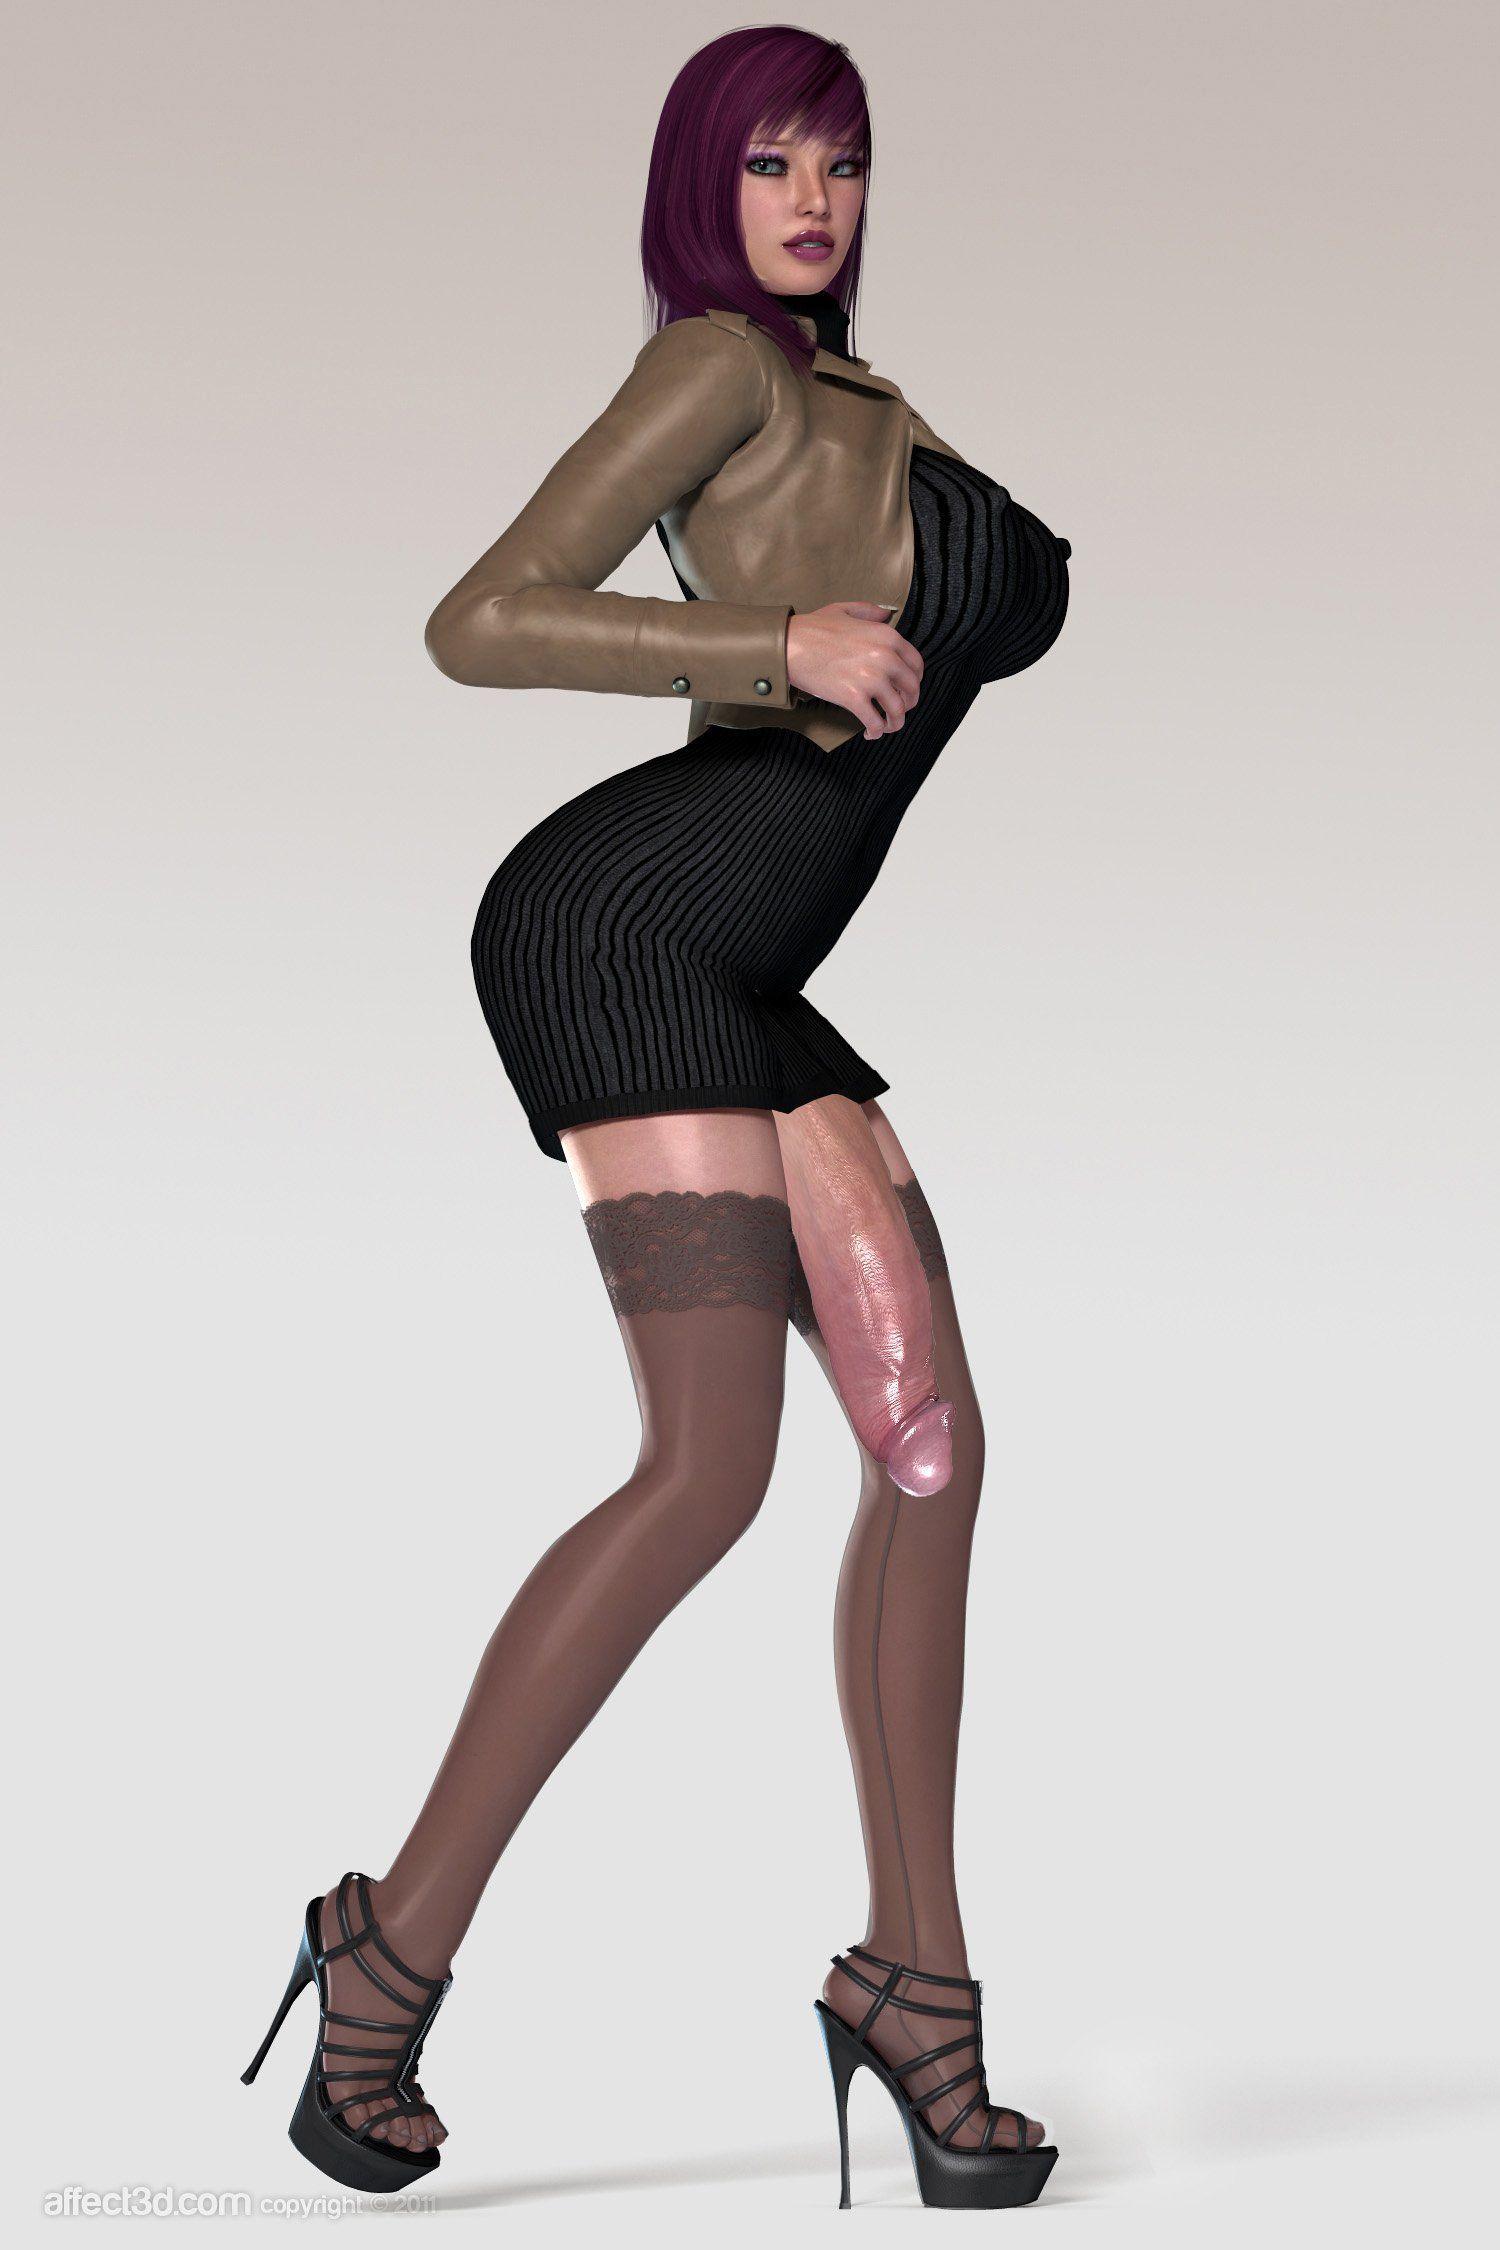 Travestis-3D-desenhos-de-sexo-13